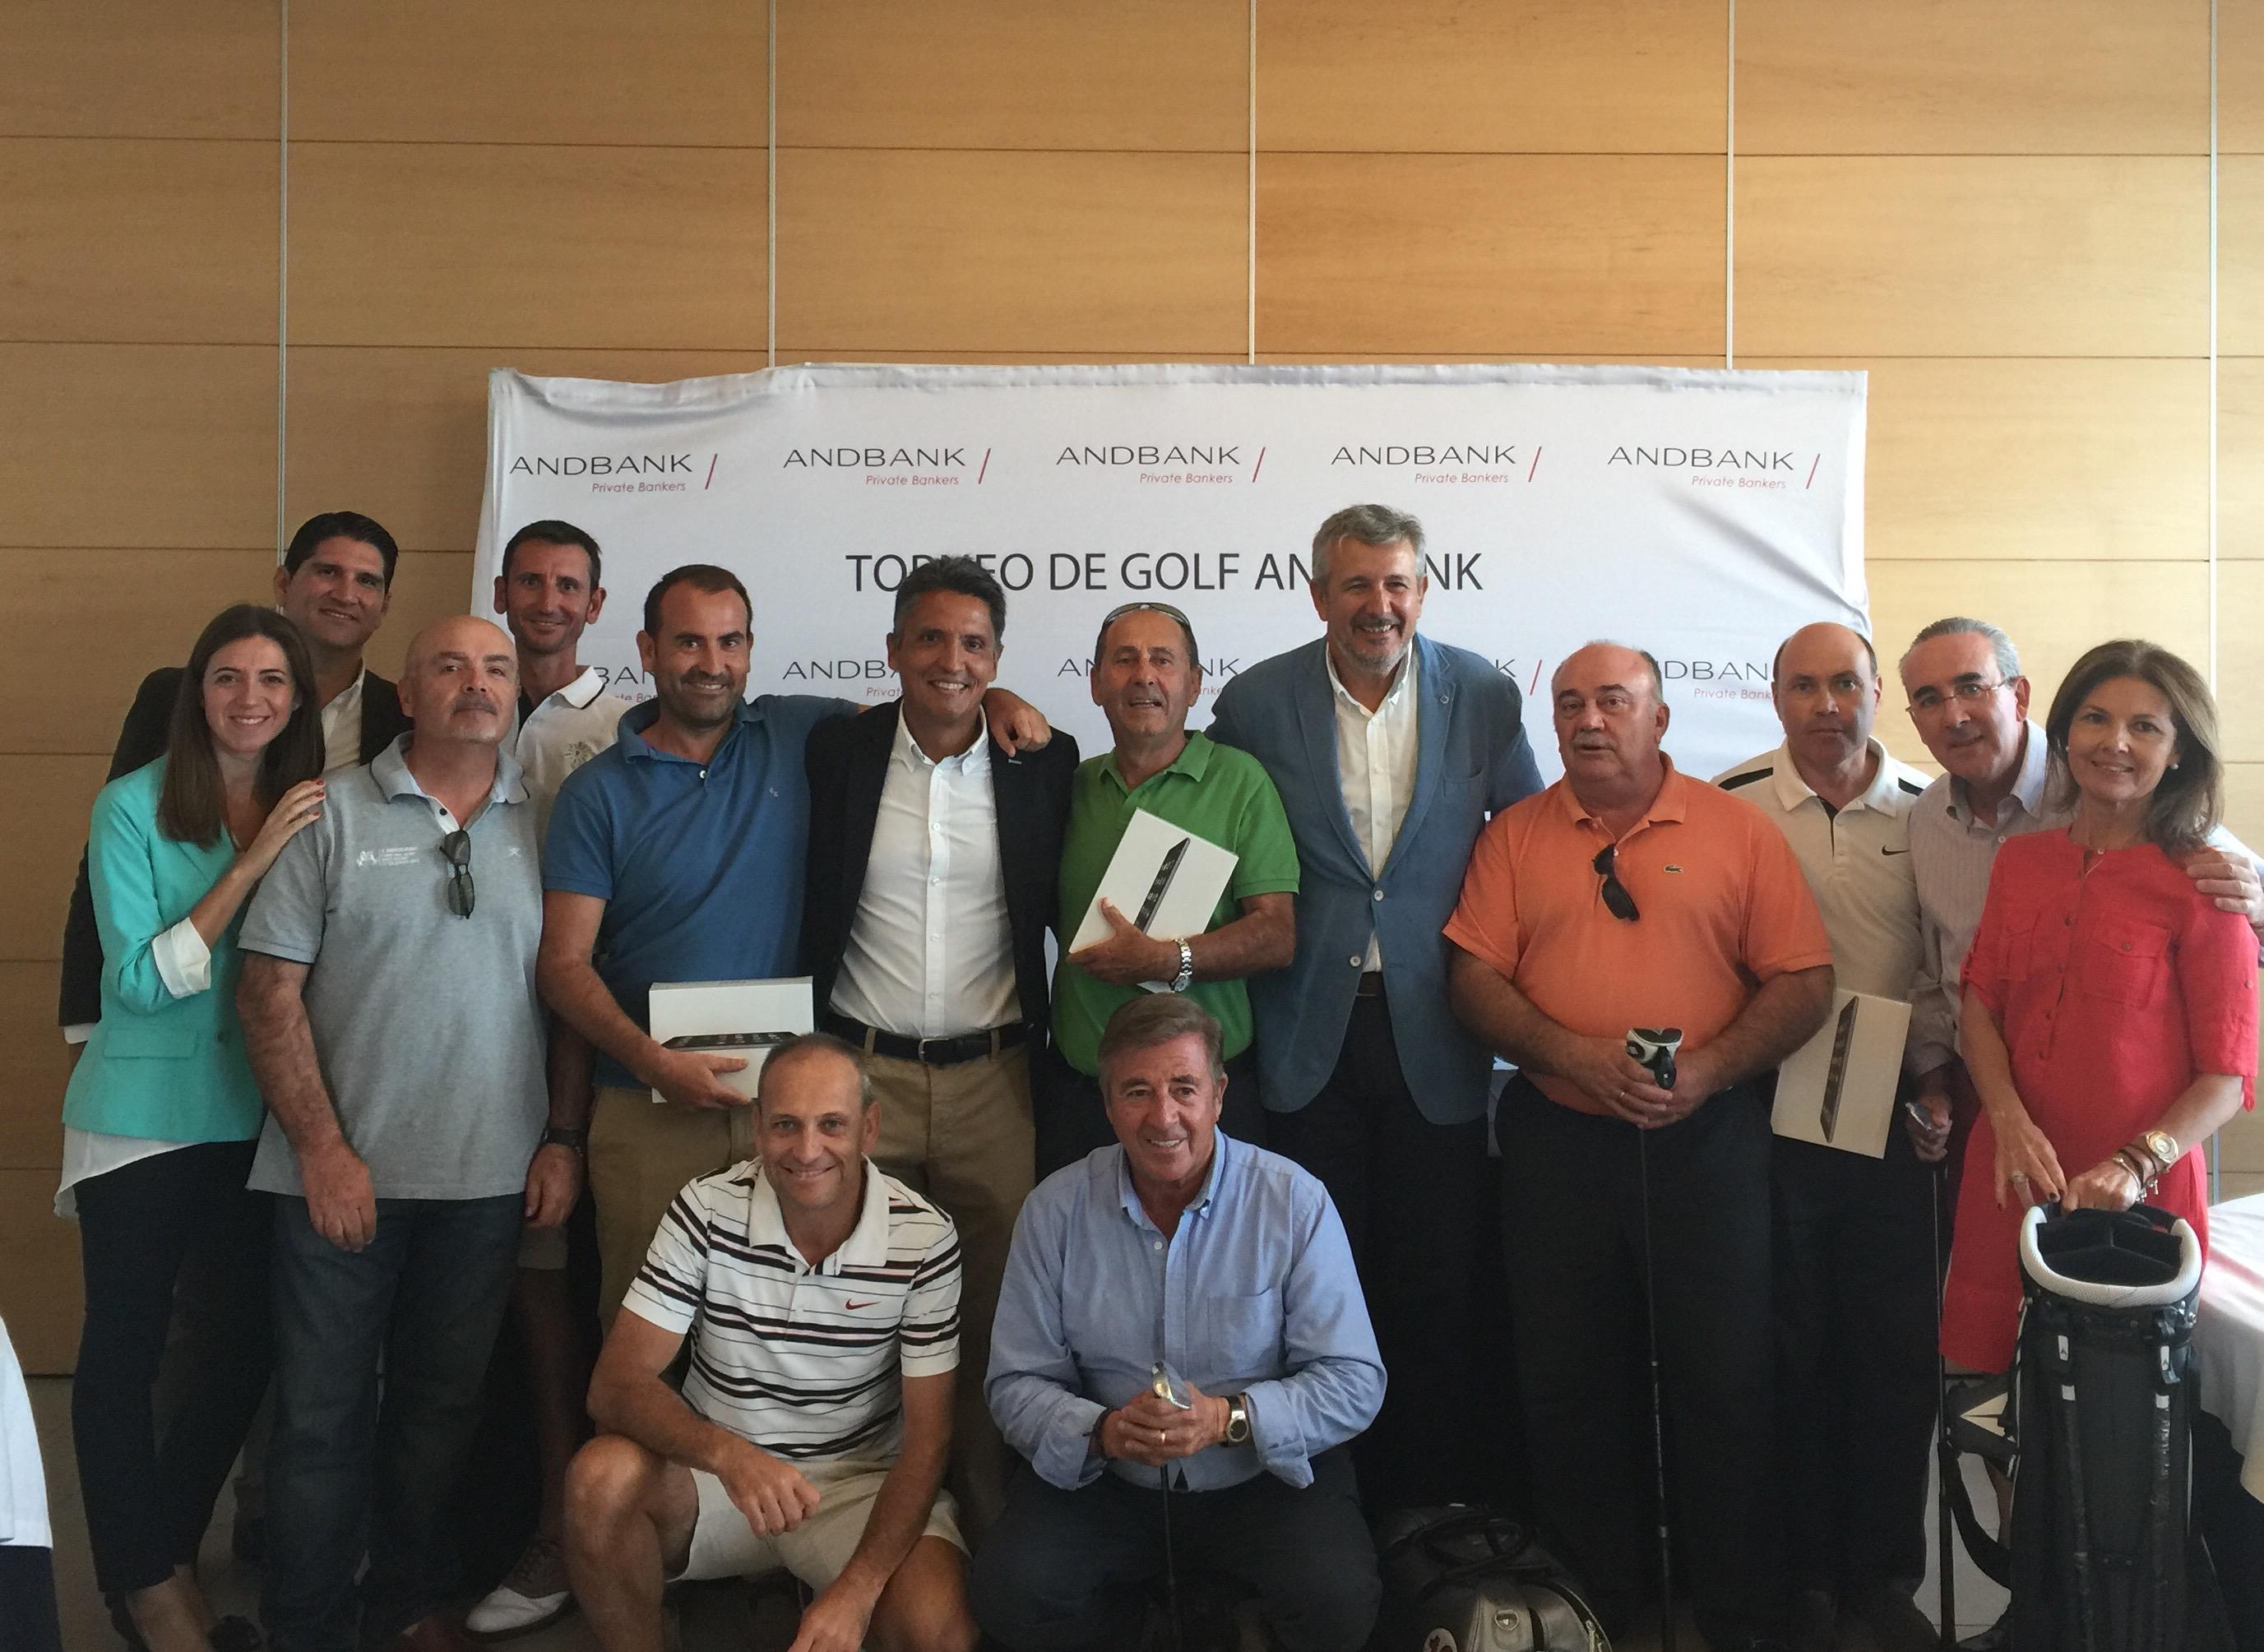 La última prueba del Torneo de Golf Andbank 2015 reúne a 50 jugadores en Alicante